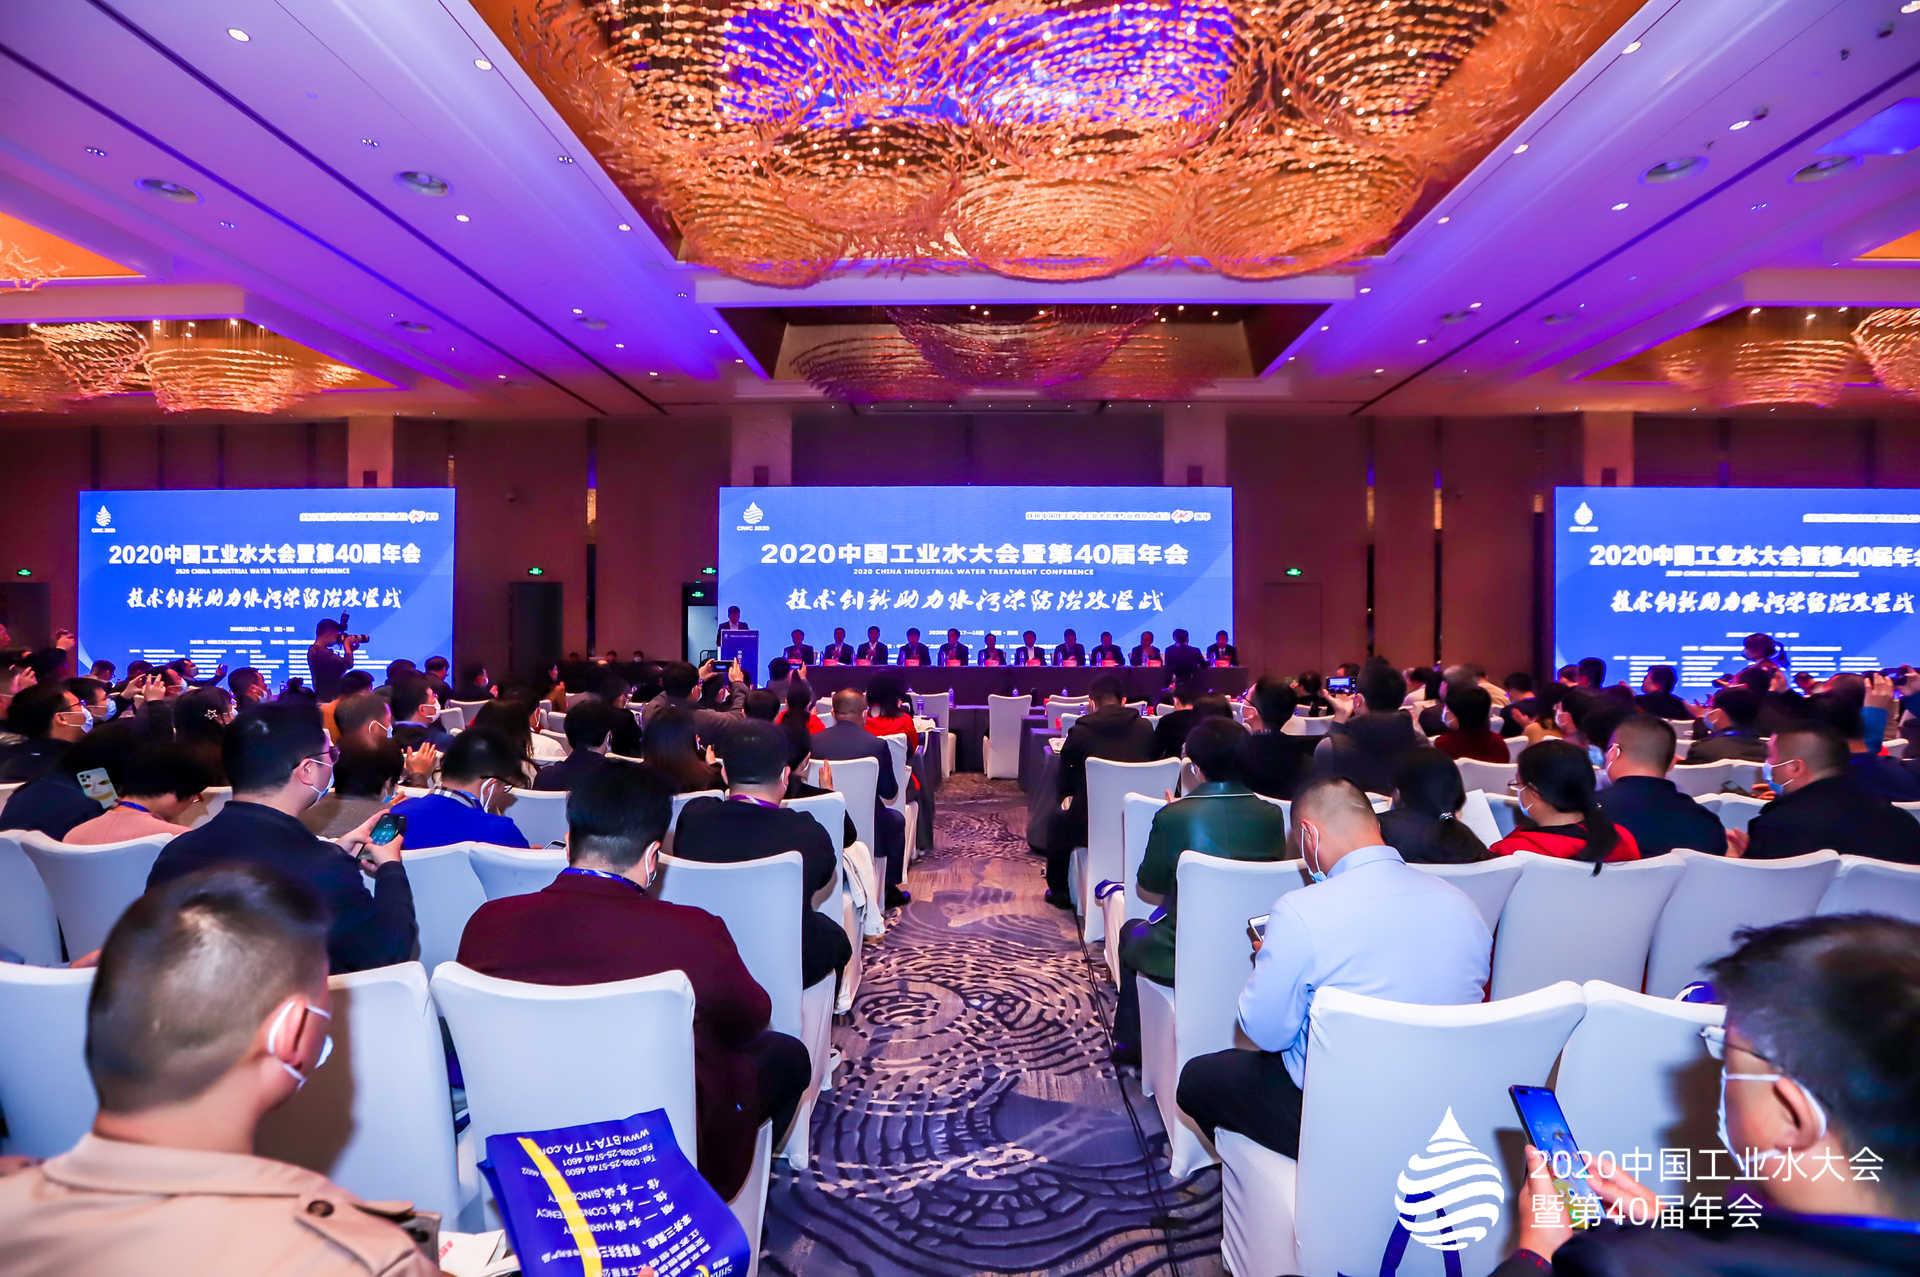 磁谷科技受邀參加2020中國工業水大會暨第40屆年會